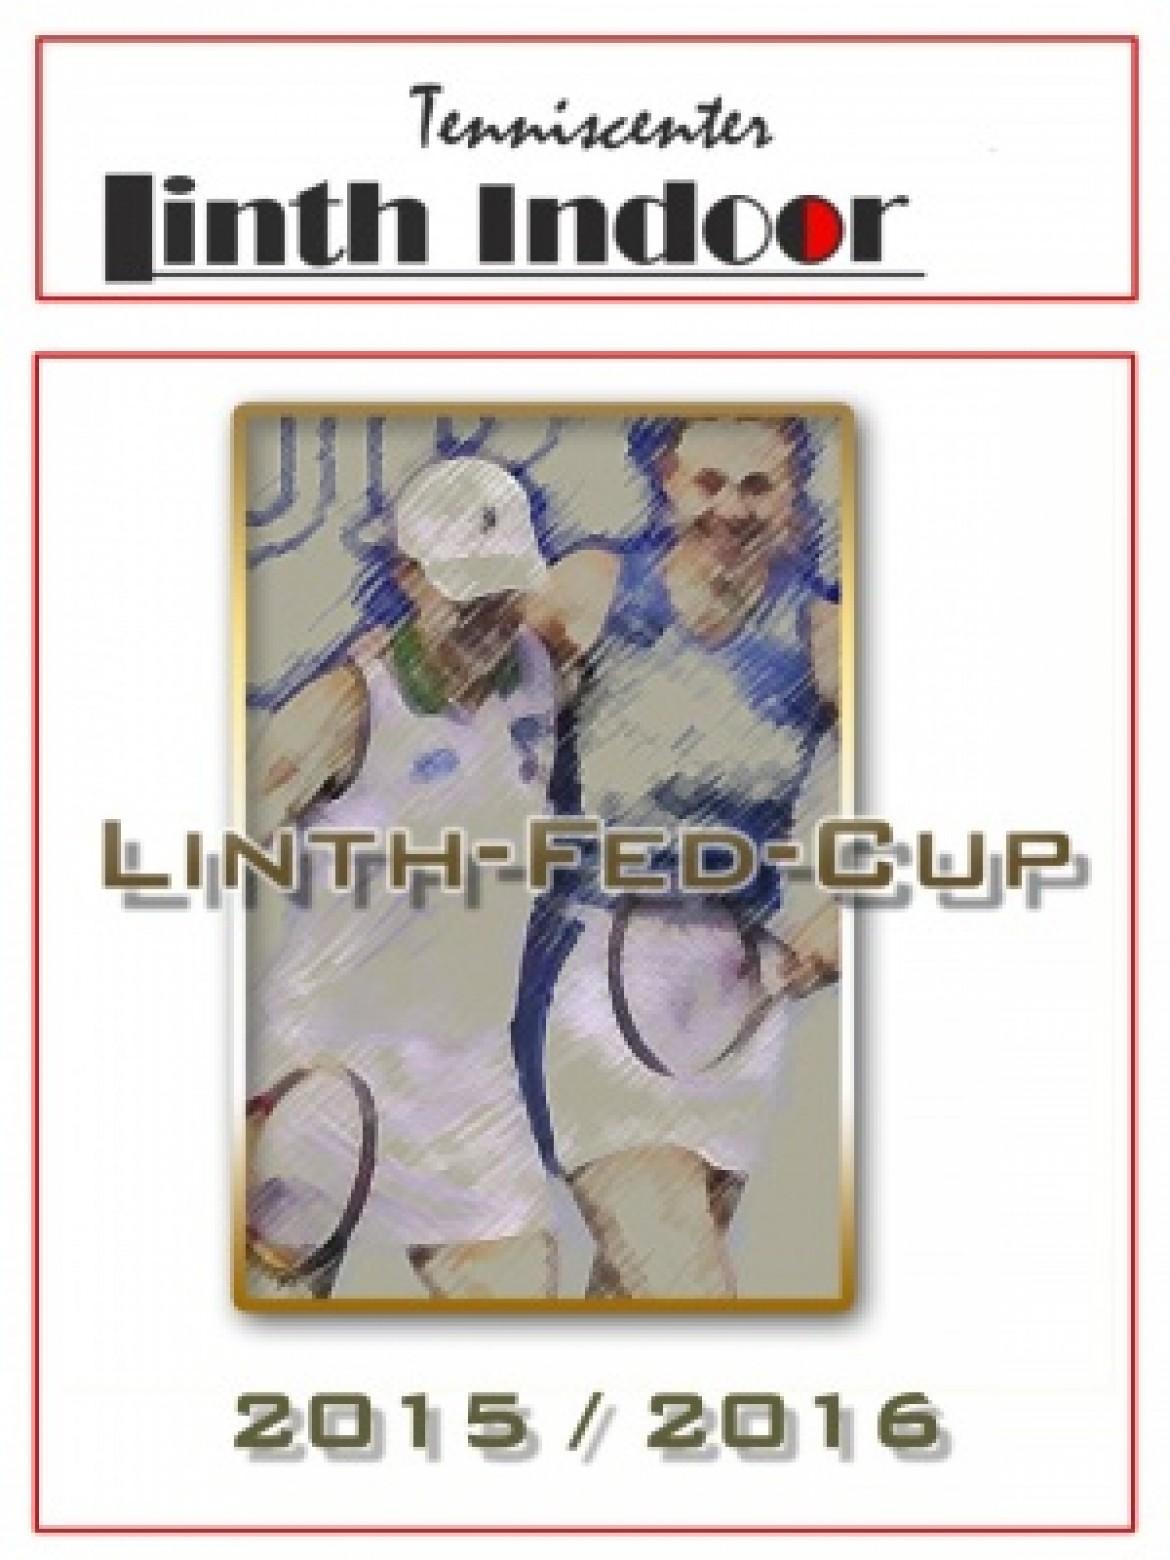 Ausschreibung Linth-Fed-Cup 2015 / 2016